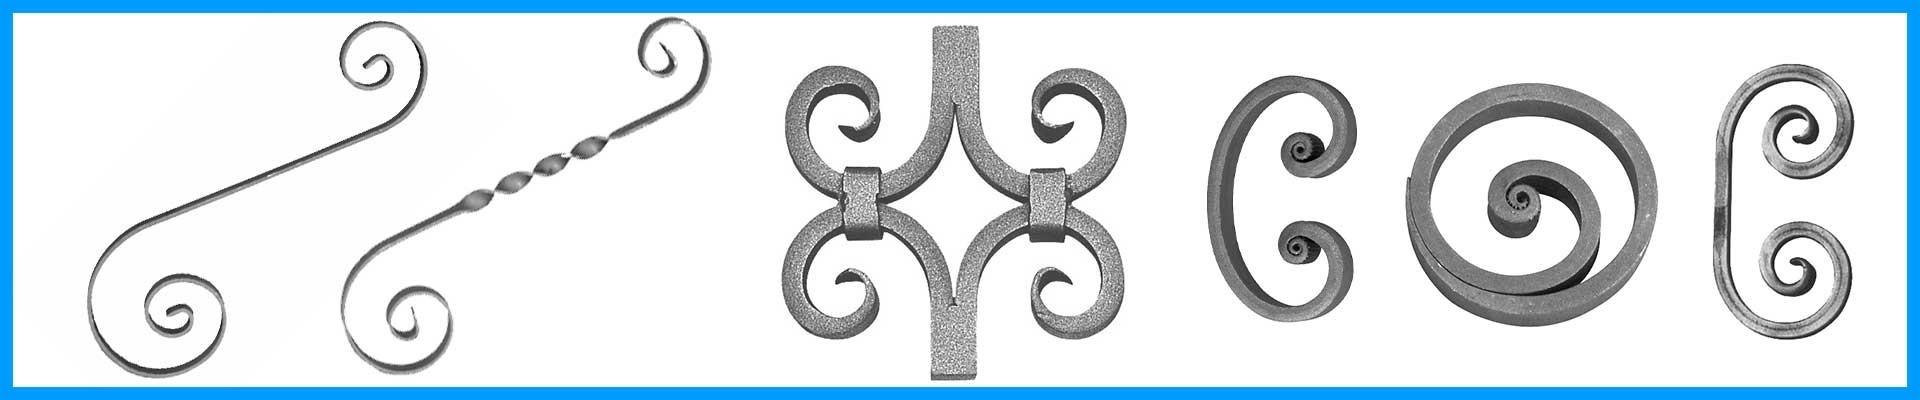 Piezas centrales, Eses , Volutas y Caracolas Ref. 05050 a Ref. 05262.39